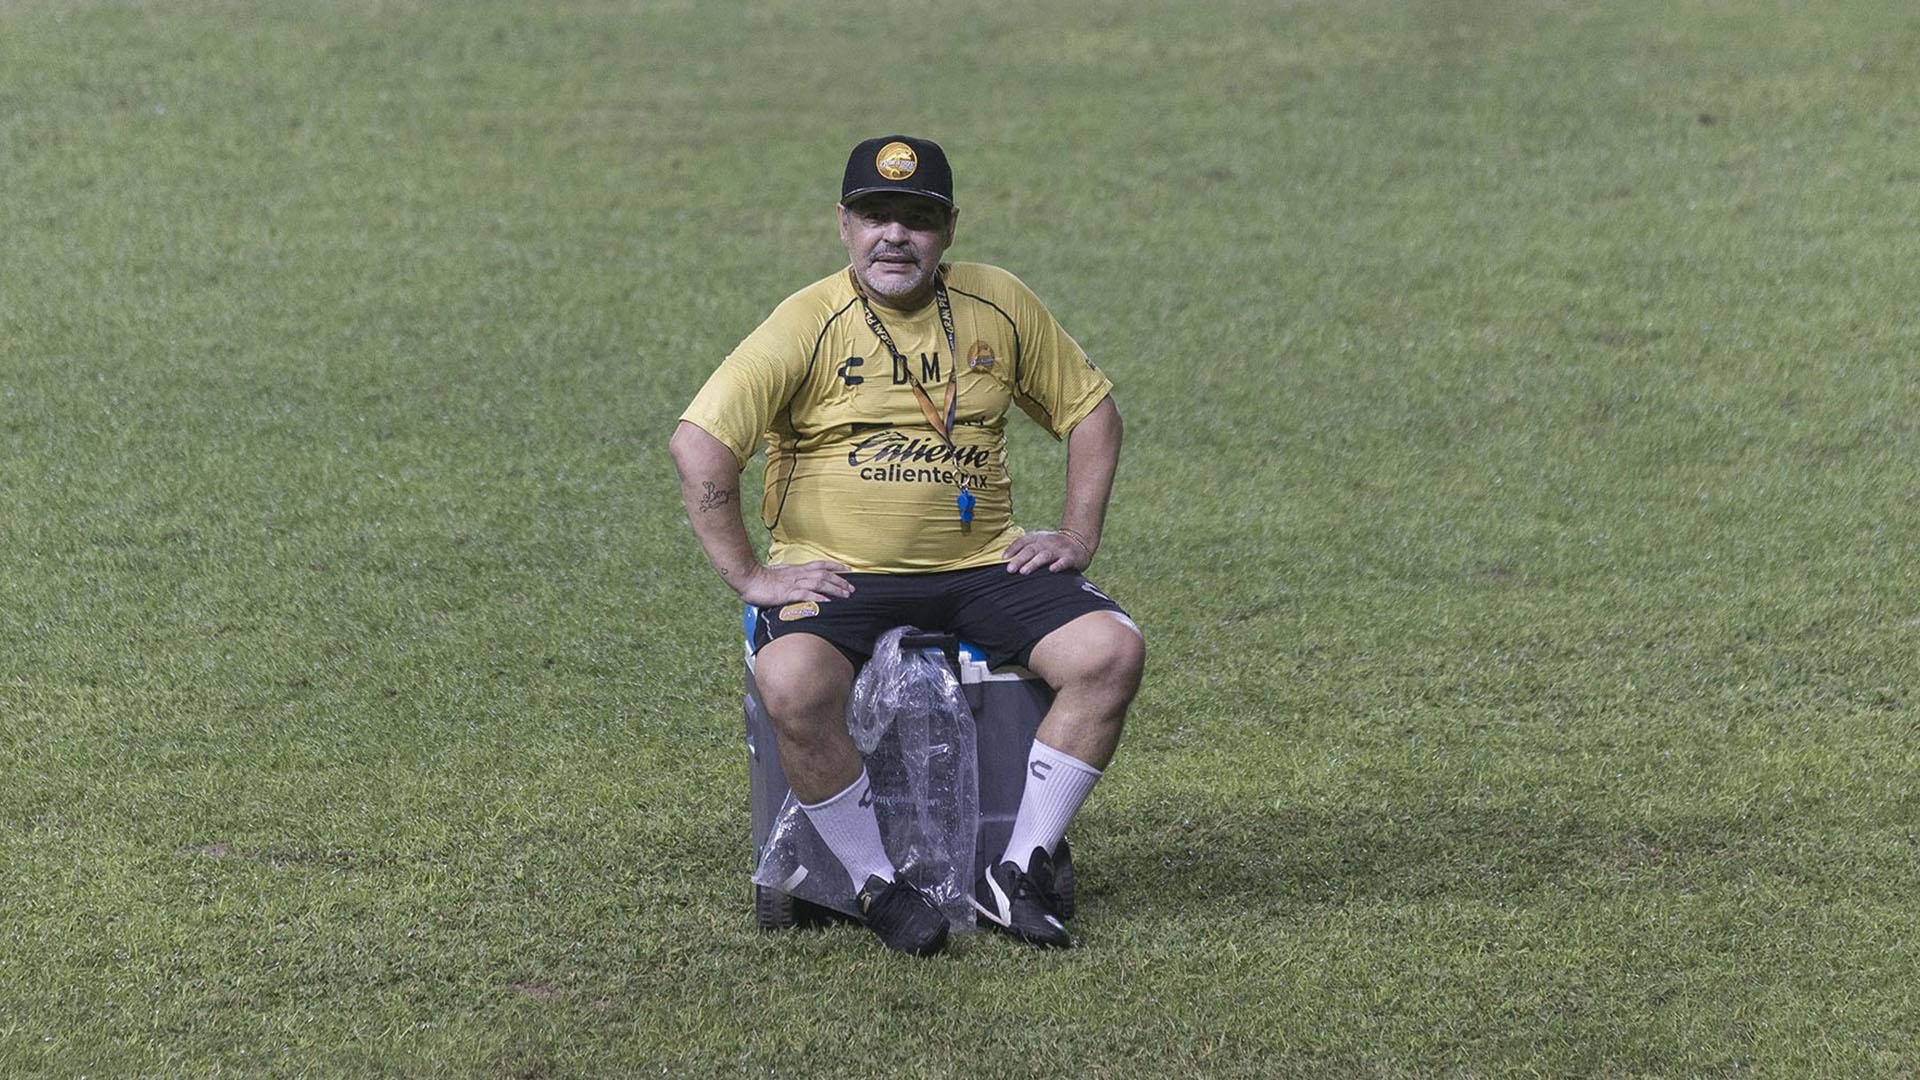 Los dolores de rodilla tuvieron a maltraer aMaradona (Héctor Parra)